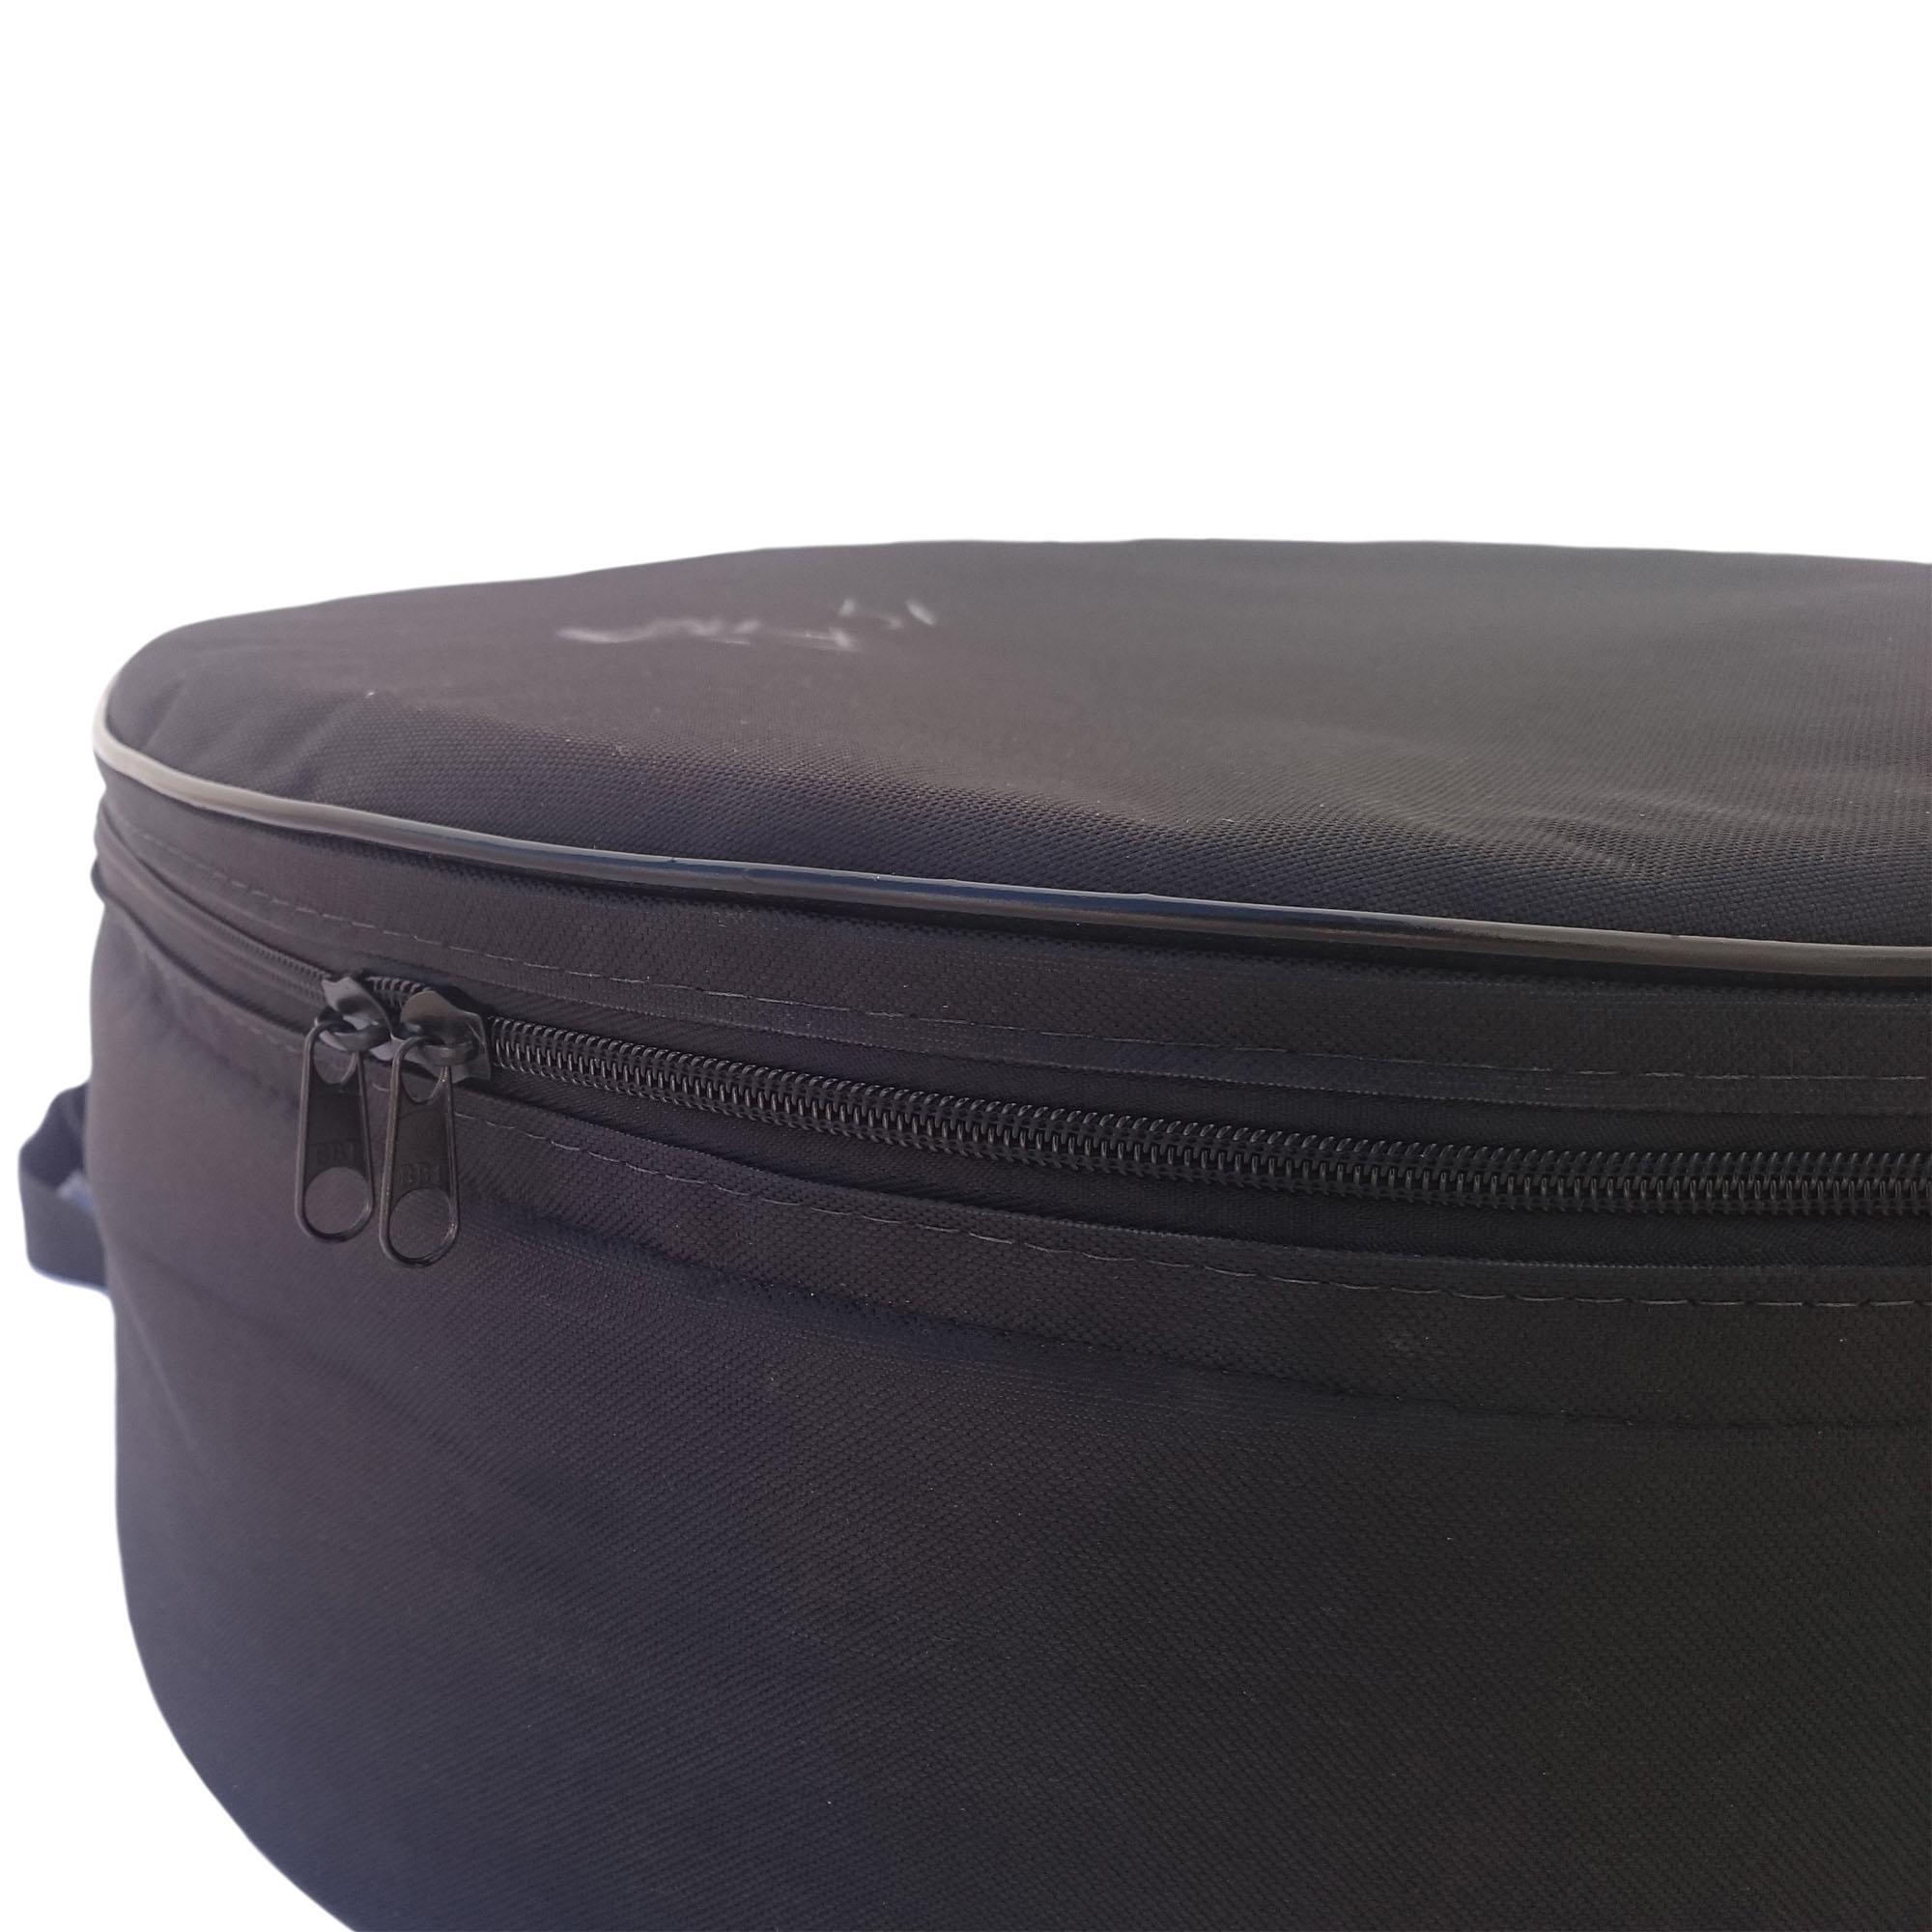 Kit de Bag's Extra-Luxo para Bateria com 5 Pçs (T8T13C14x18S14B22)